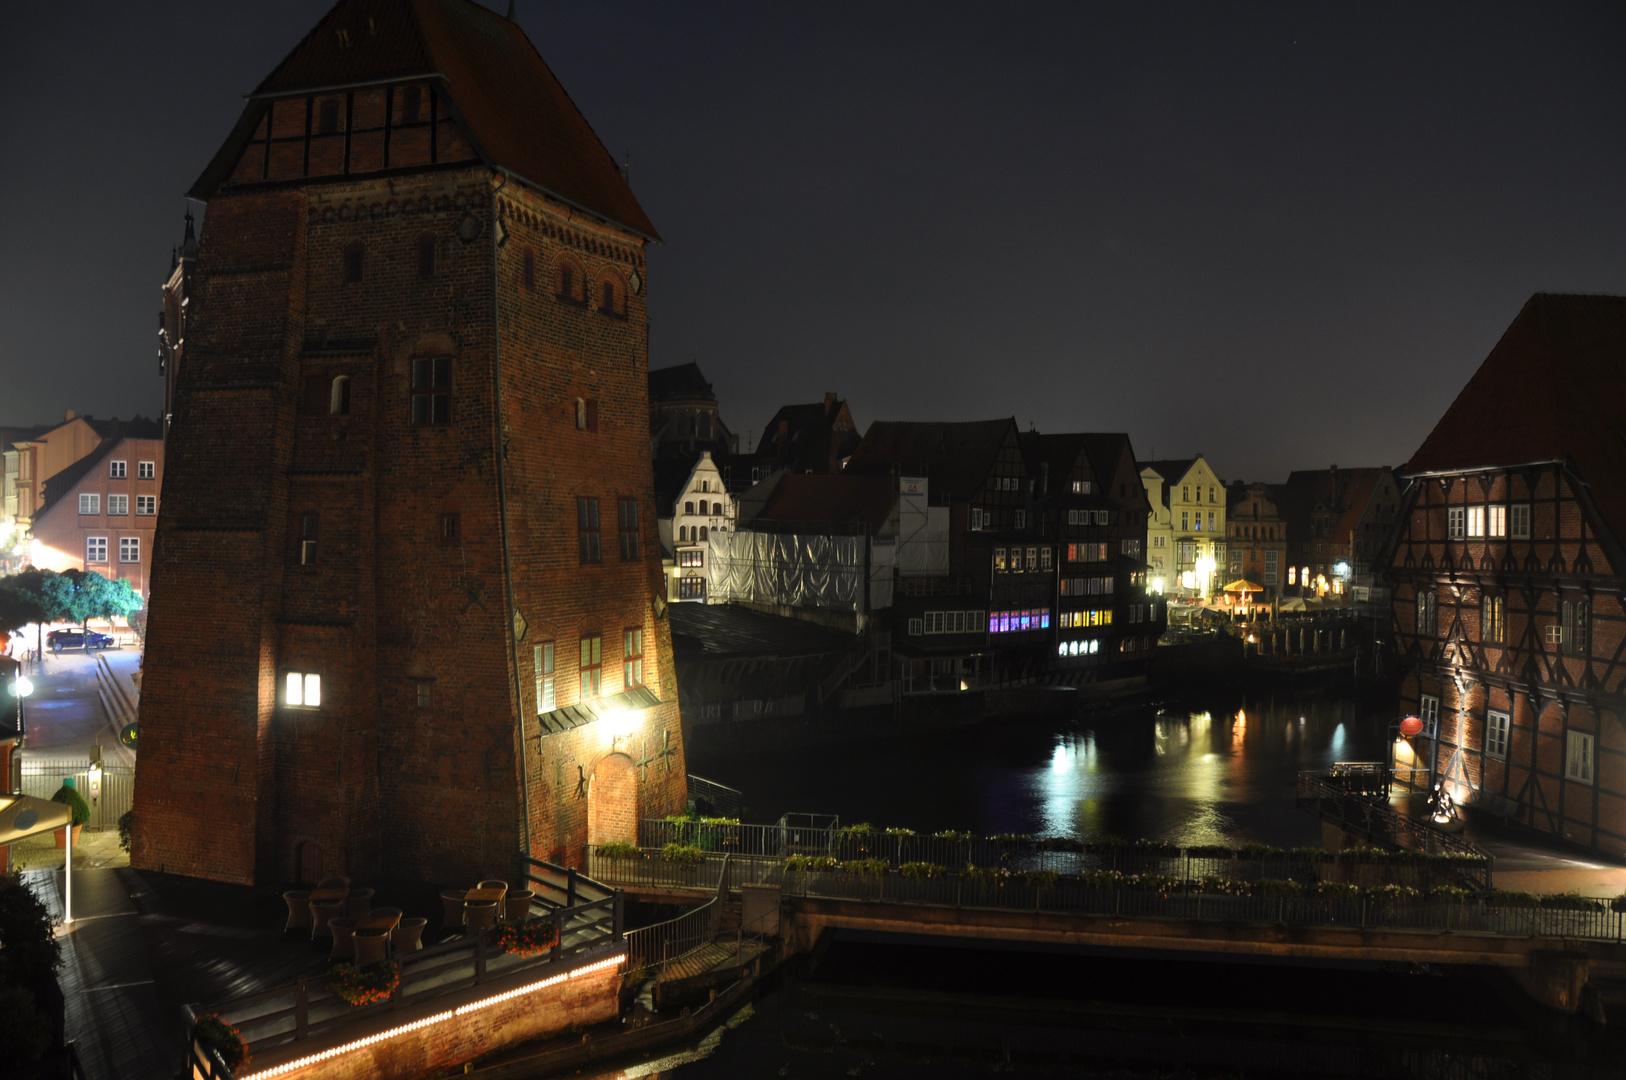 Der Stint in Lüneburg bei Nacht